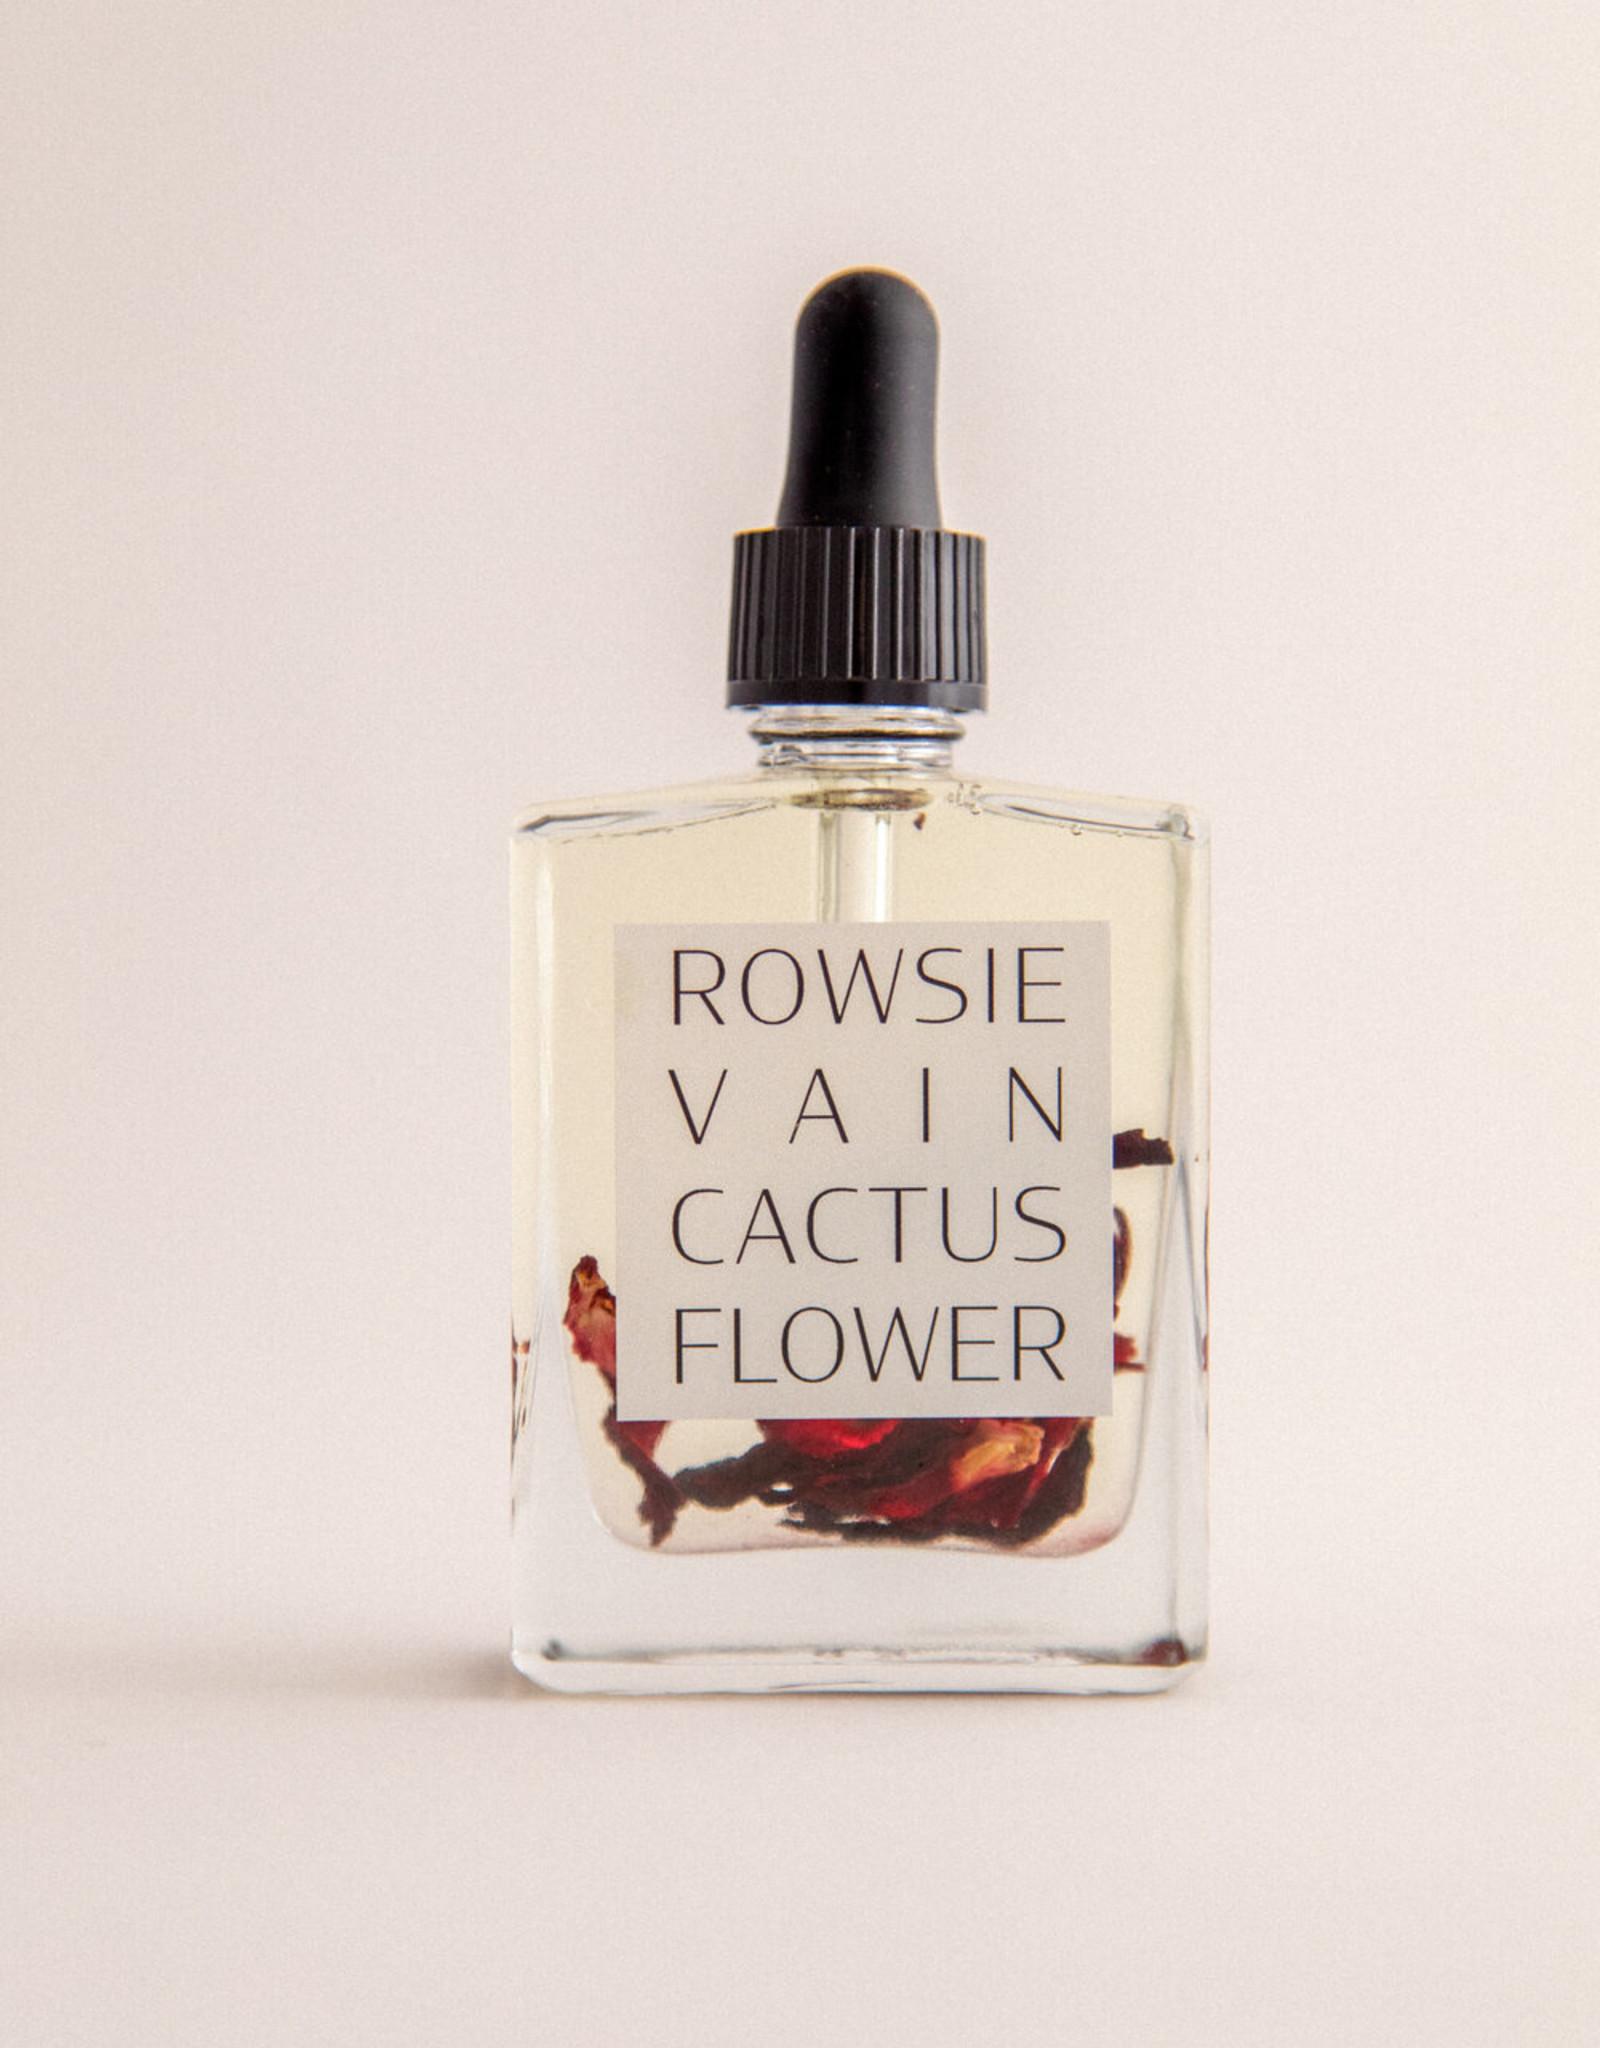 Rowsie Vain 2oz Cactus Flower Perfume No. 7